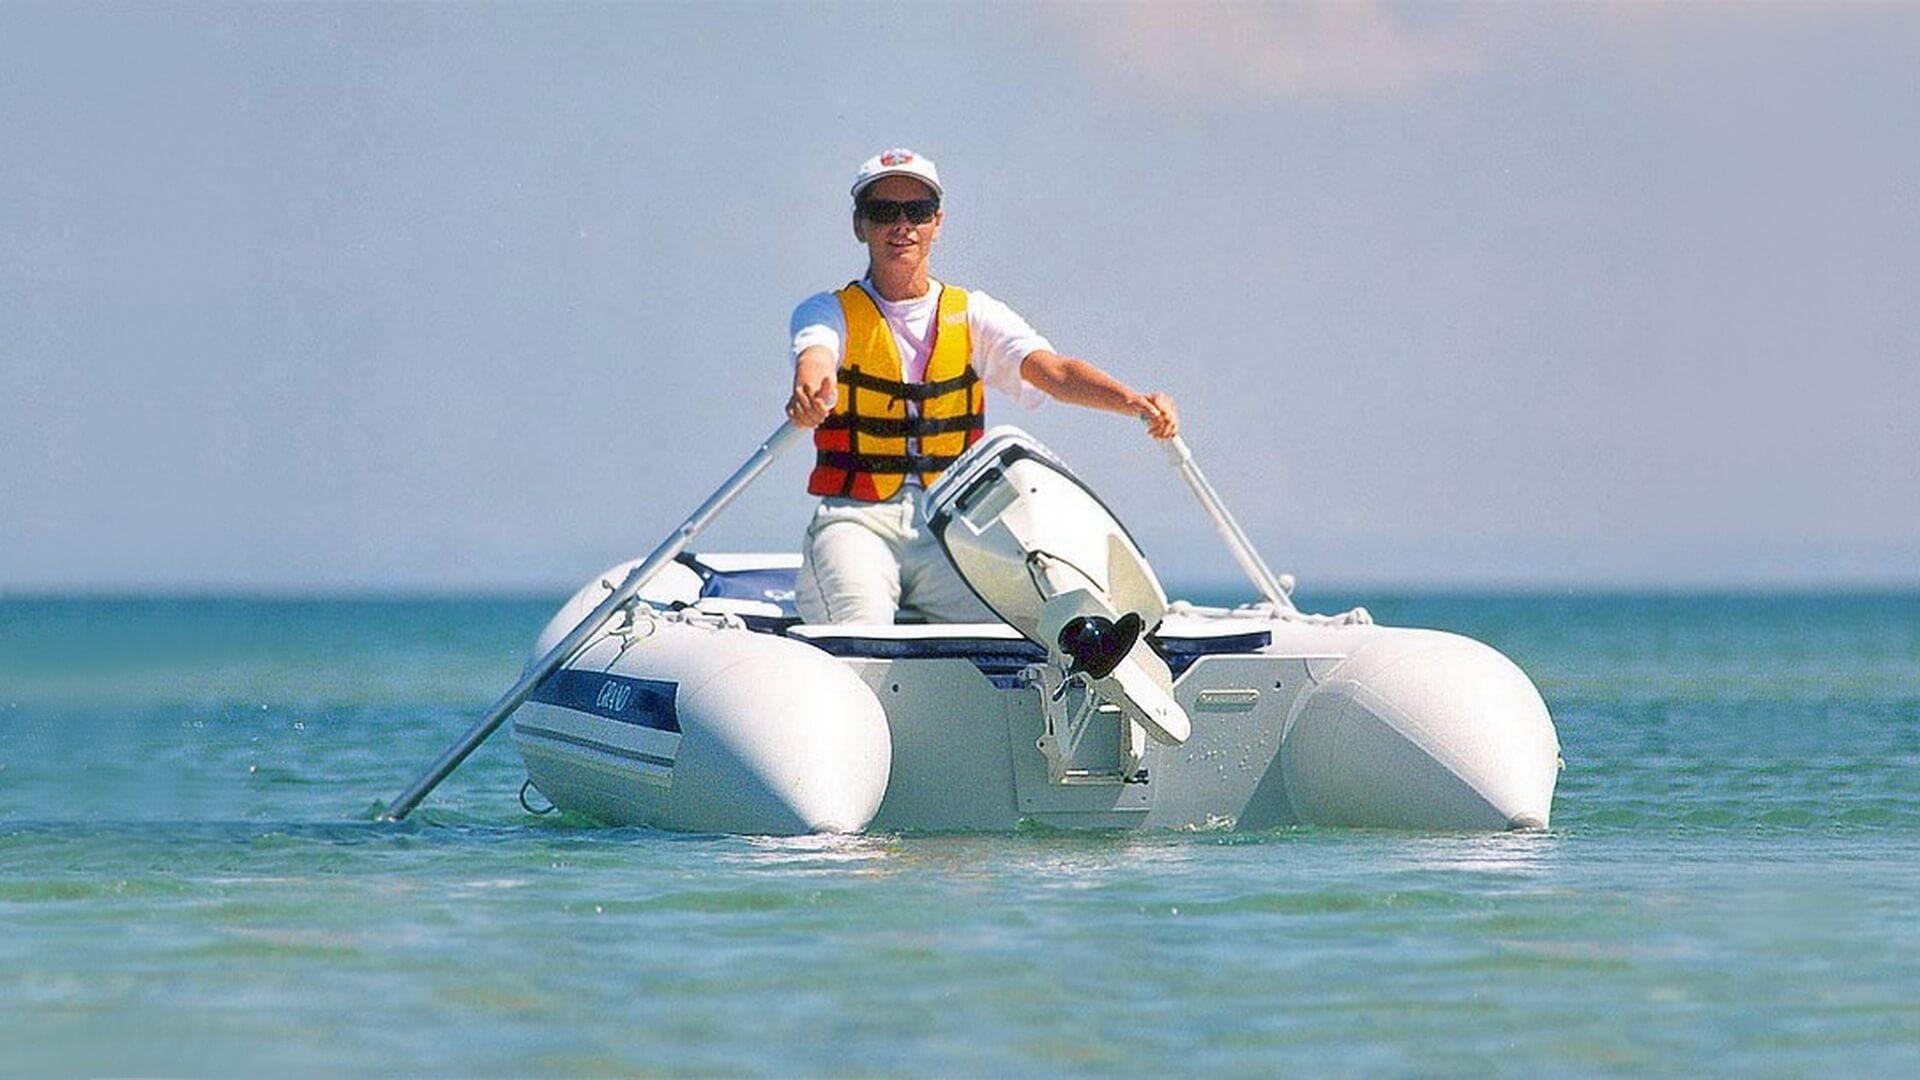 Складная надувная лодка с настилом GRAND Corvette C270, Надувная лодка Corvette C270, GRAND Corvette C270, GRAND C270,Надувная лодка Corvette C270A, GRAND Corvette C270A, GRAND C270A, Складная надувная лодка GRAND, Надувная лодка GRAND, Надувная лодка ГРАНД, Разборная надувная лодка с жёстким настилом, Разборная надувная лодка с надувным настилом, Fordable Boats